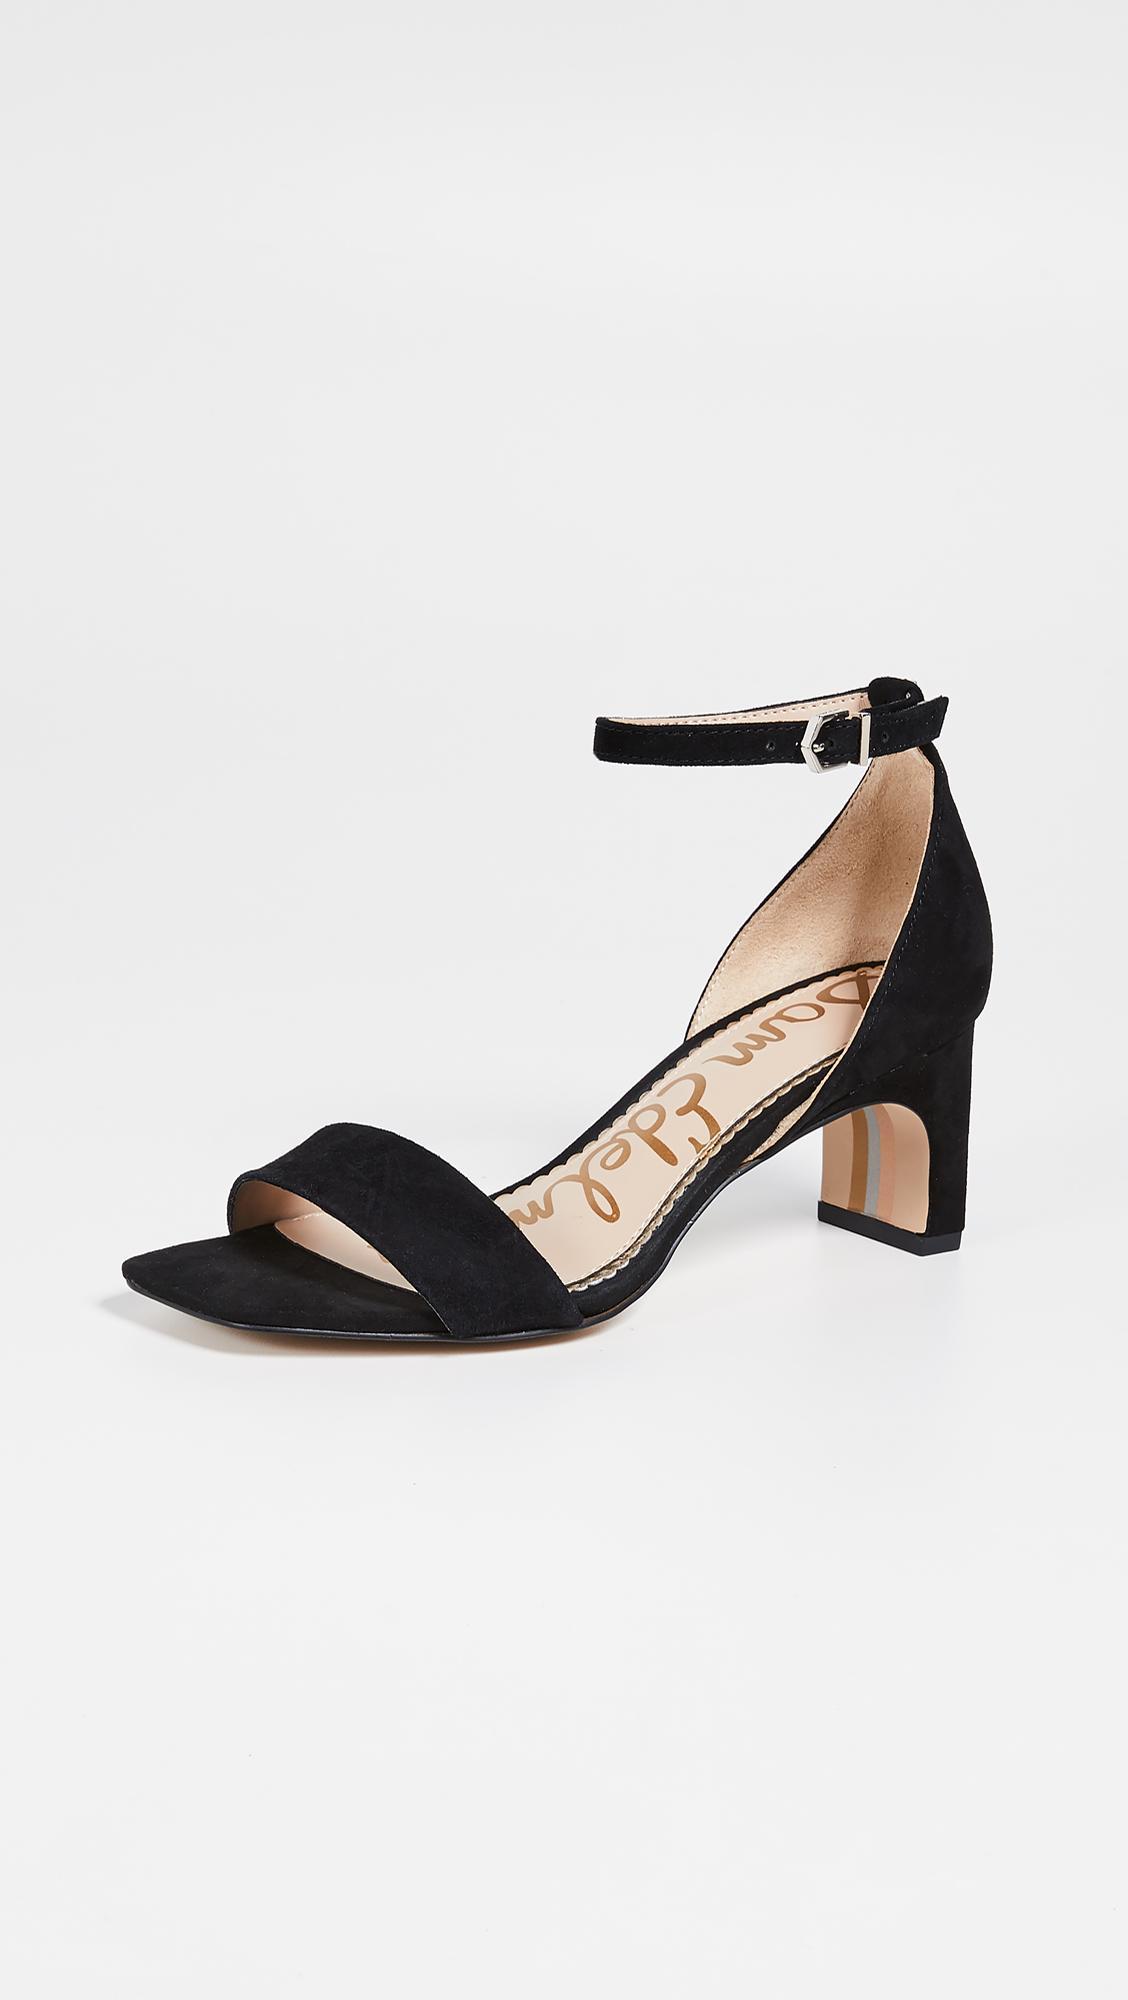 4f2859ba4ecf7f Lyst - Sam Edelman Holmes Sandals in Black